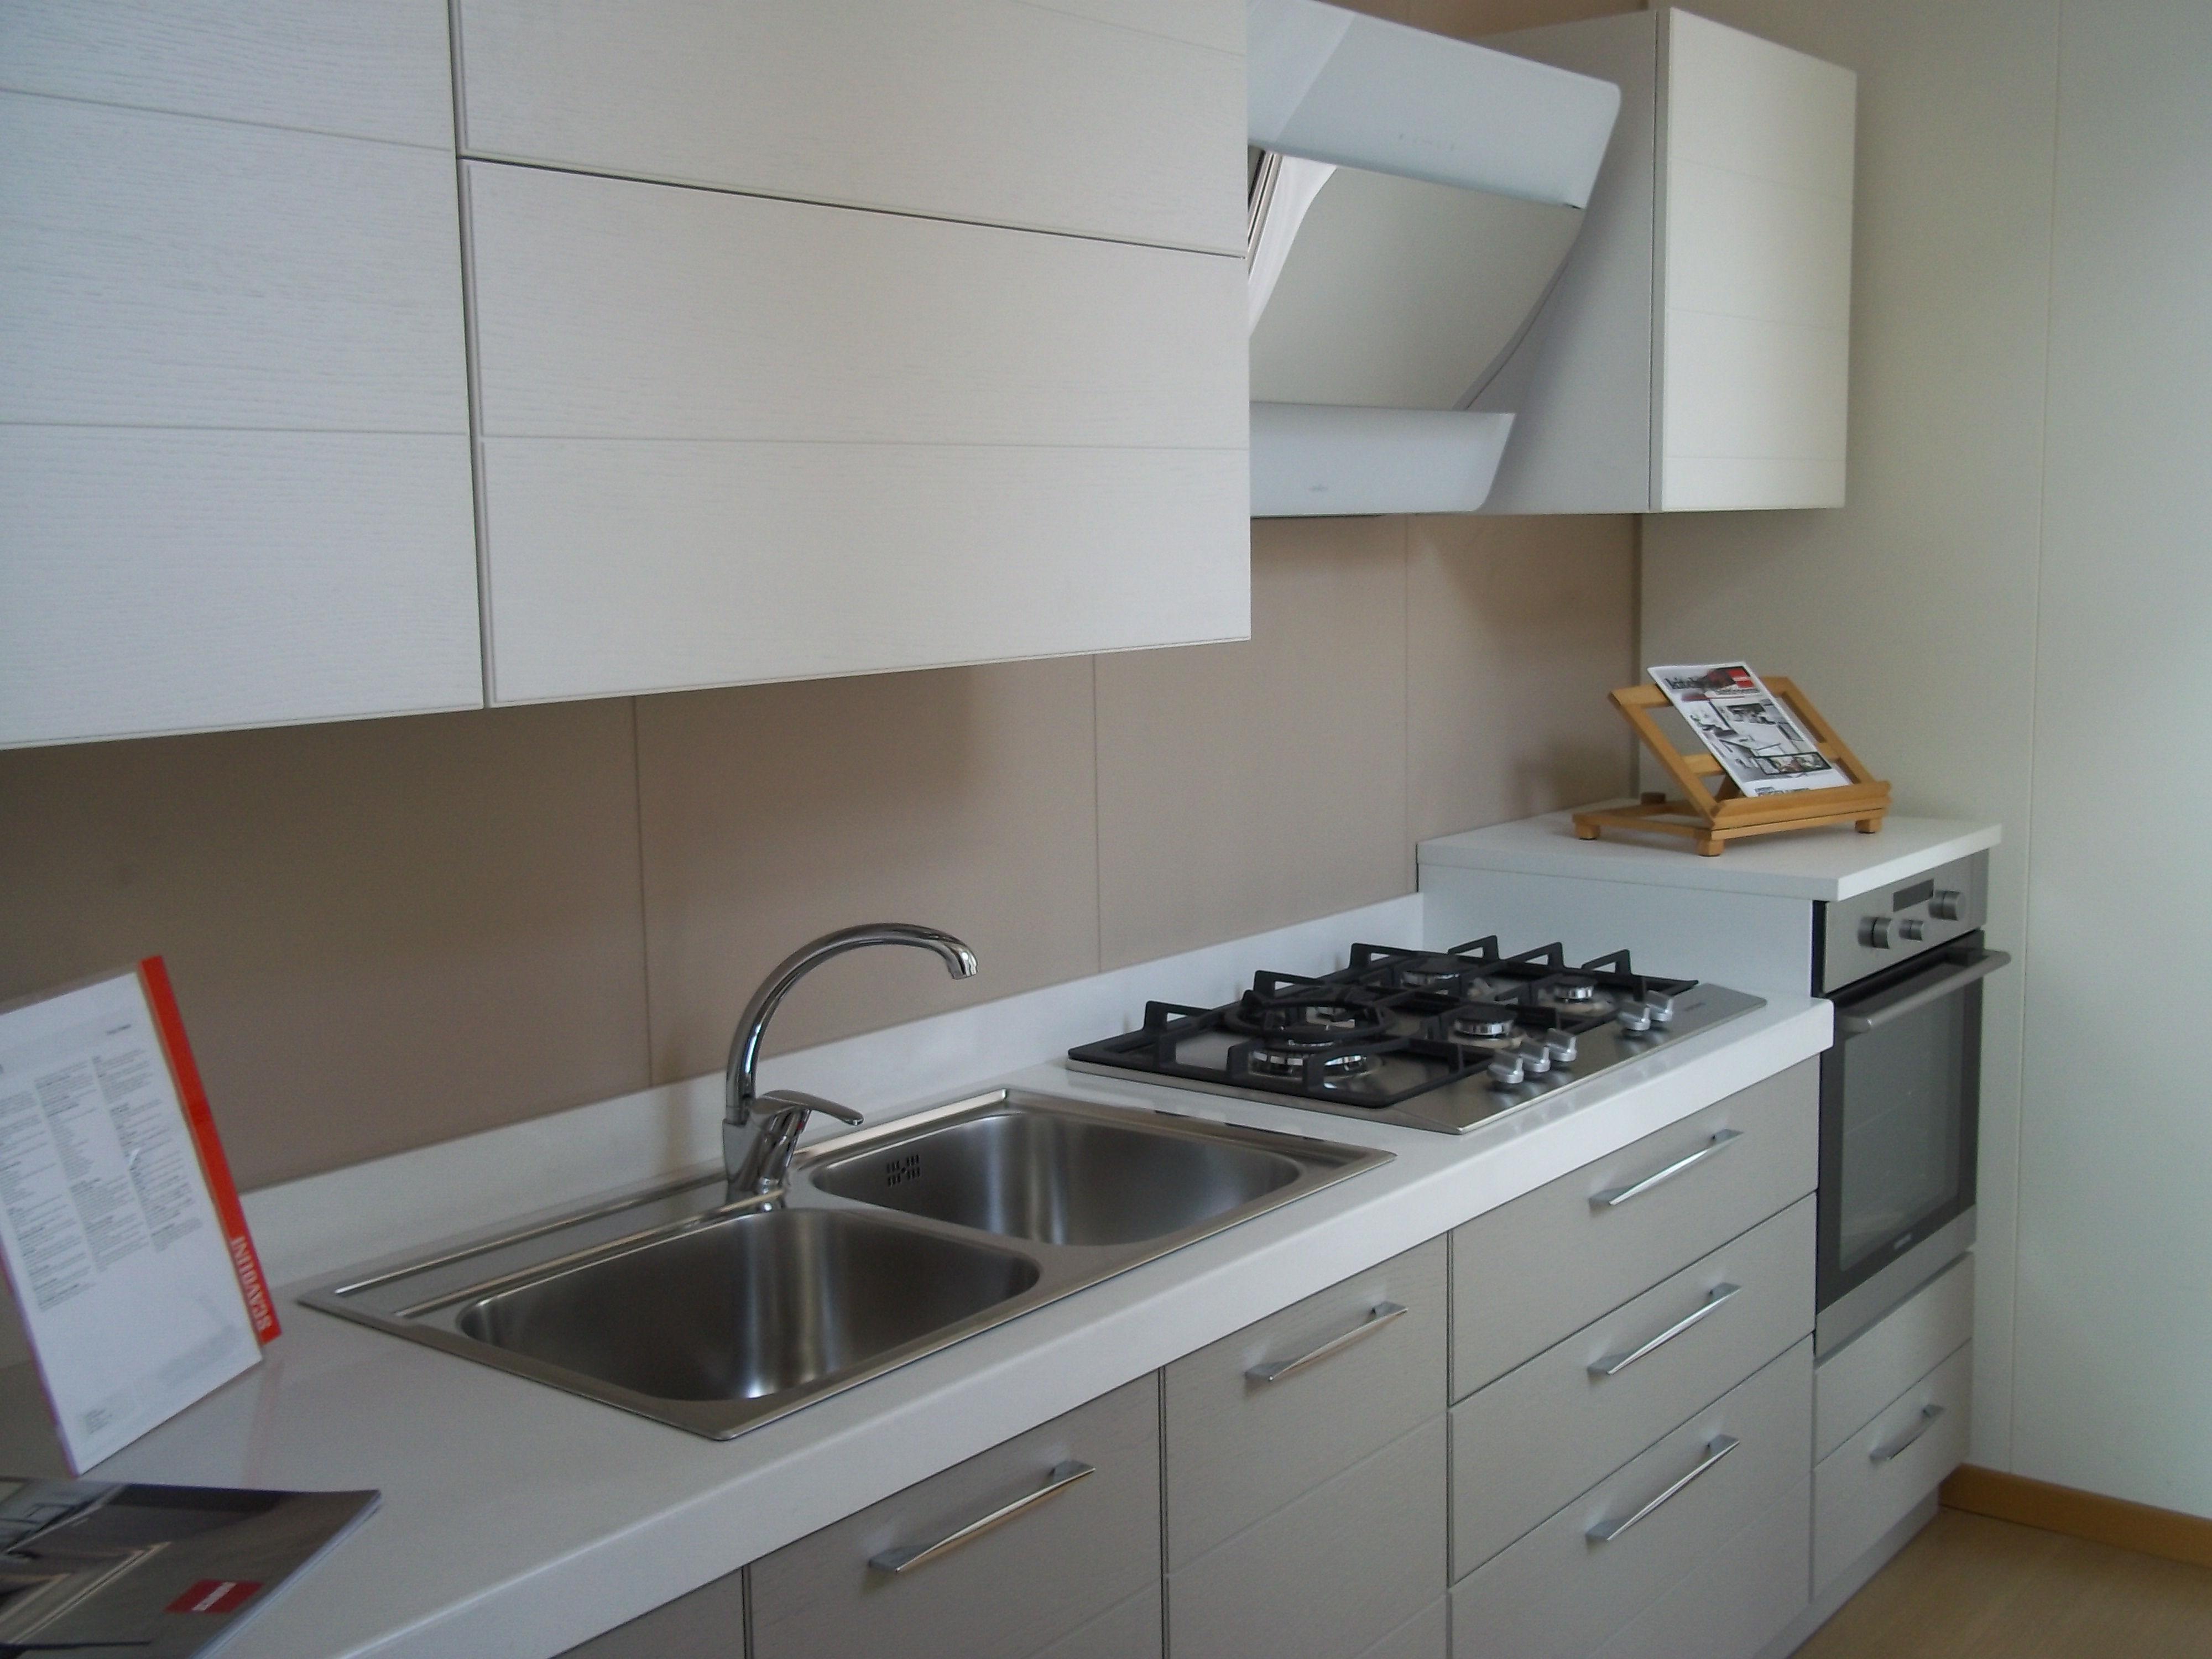 Cucine Lube Wiki : Camerette scavolini arredo bagno baltimora